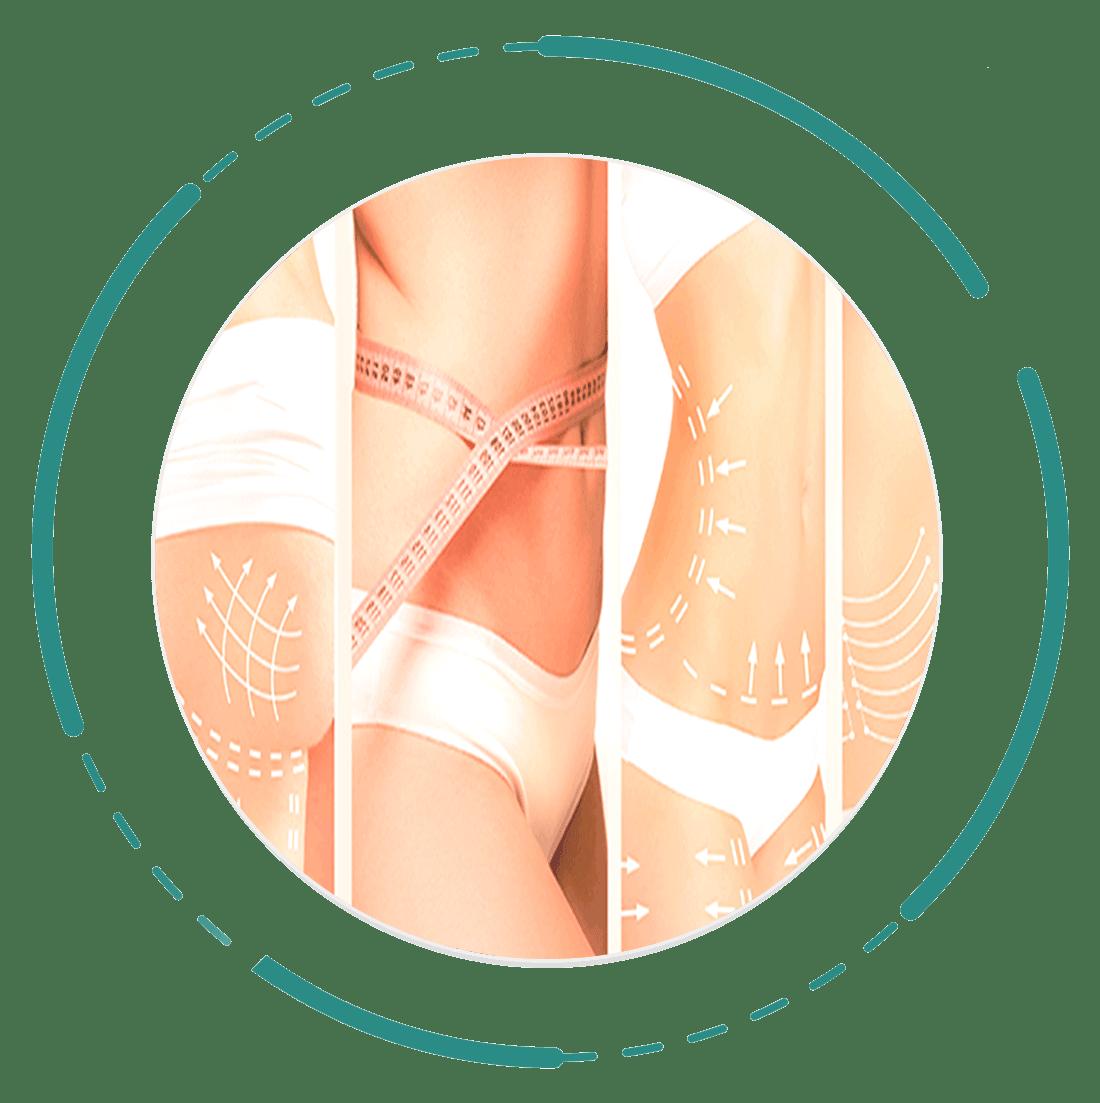 Body-procedures